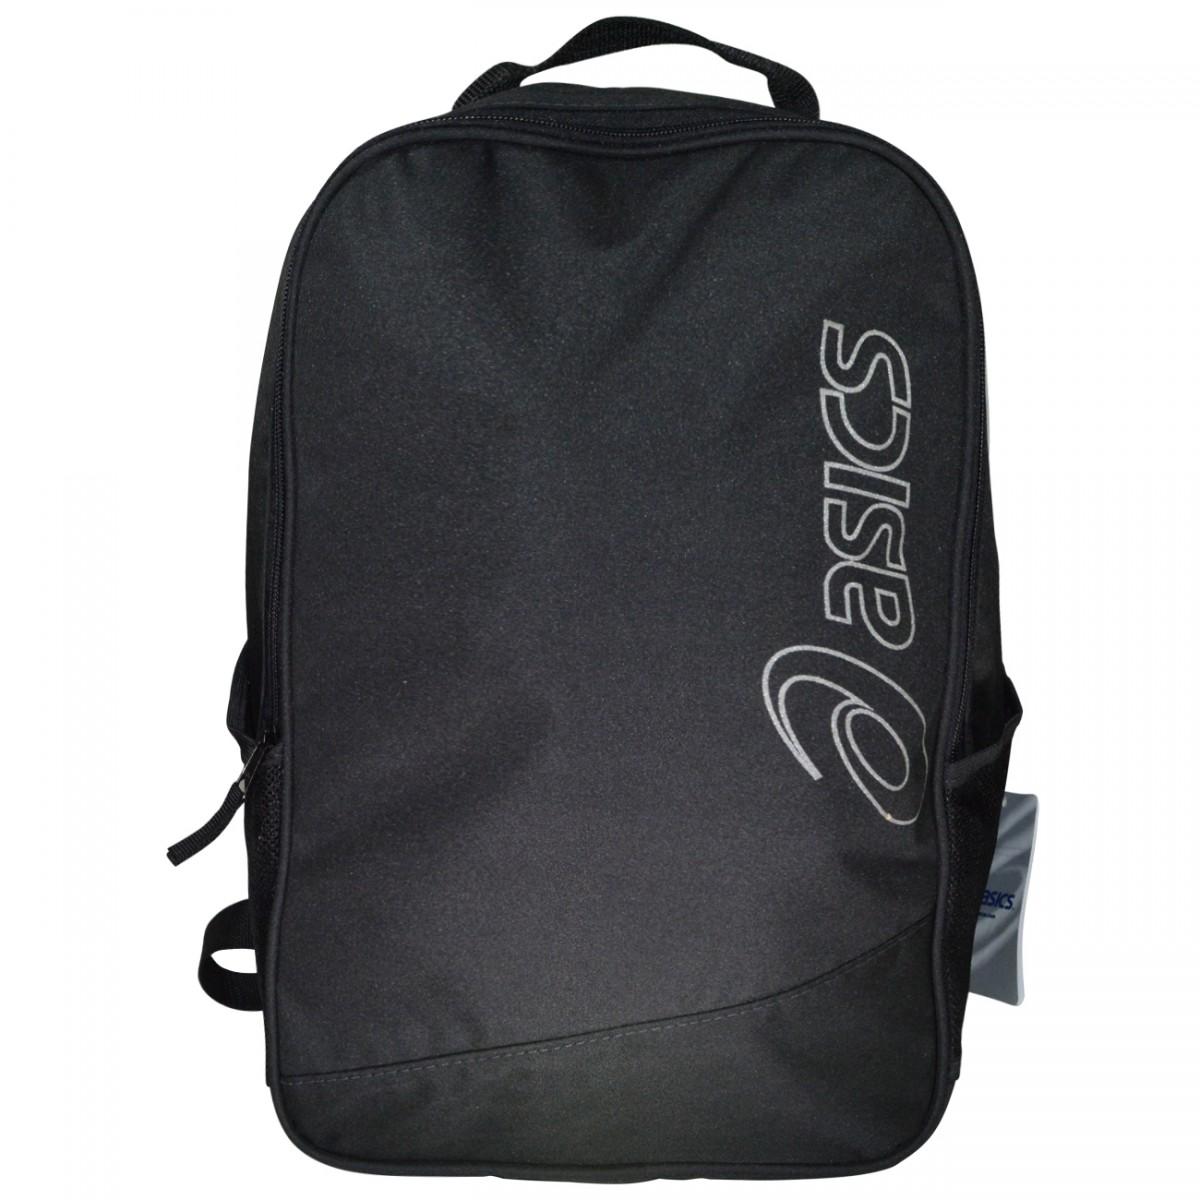 dbbd01bad Mochila Asics ZBR3264 ZBR3264 90 - Preto - Chuteira Nike, Adidas. Sandalias  Femininas. Sandy Calçados